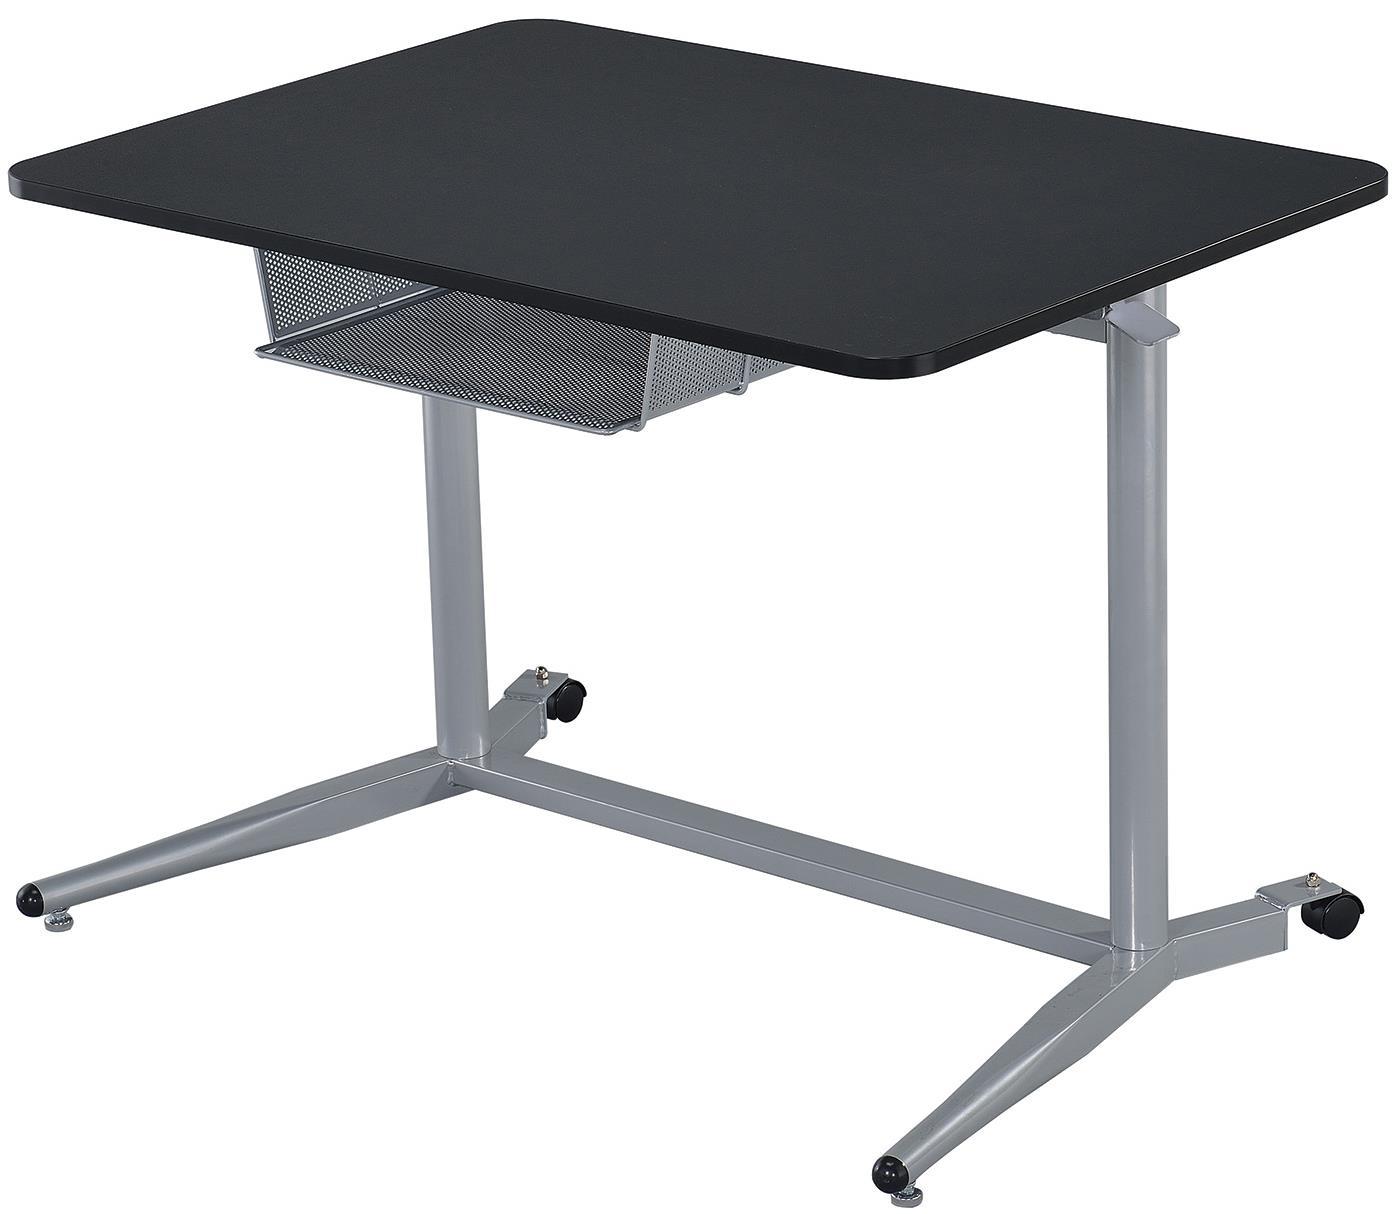 Coaster Desks Height Adjustable Standing Desk - Item Number: 800652